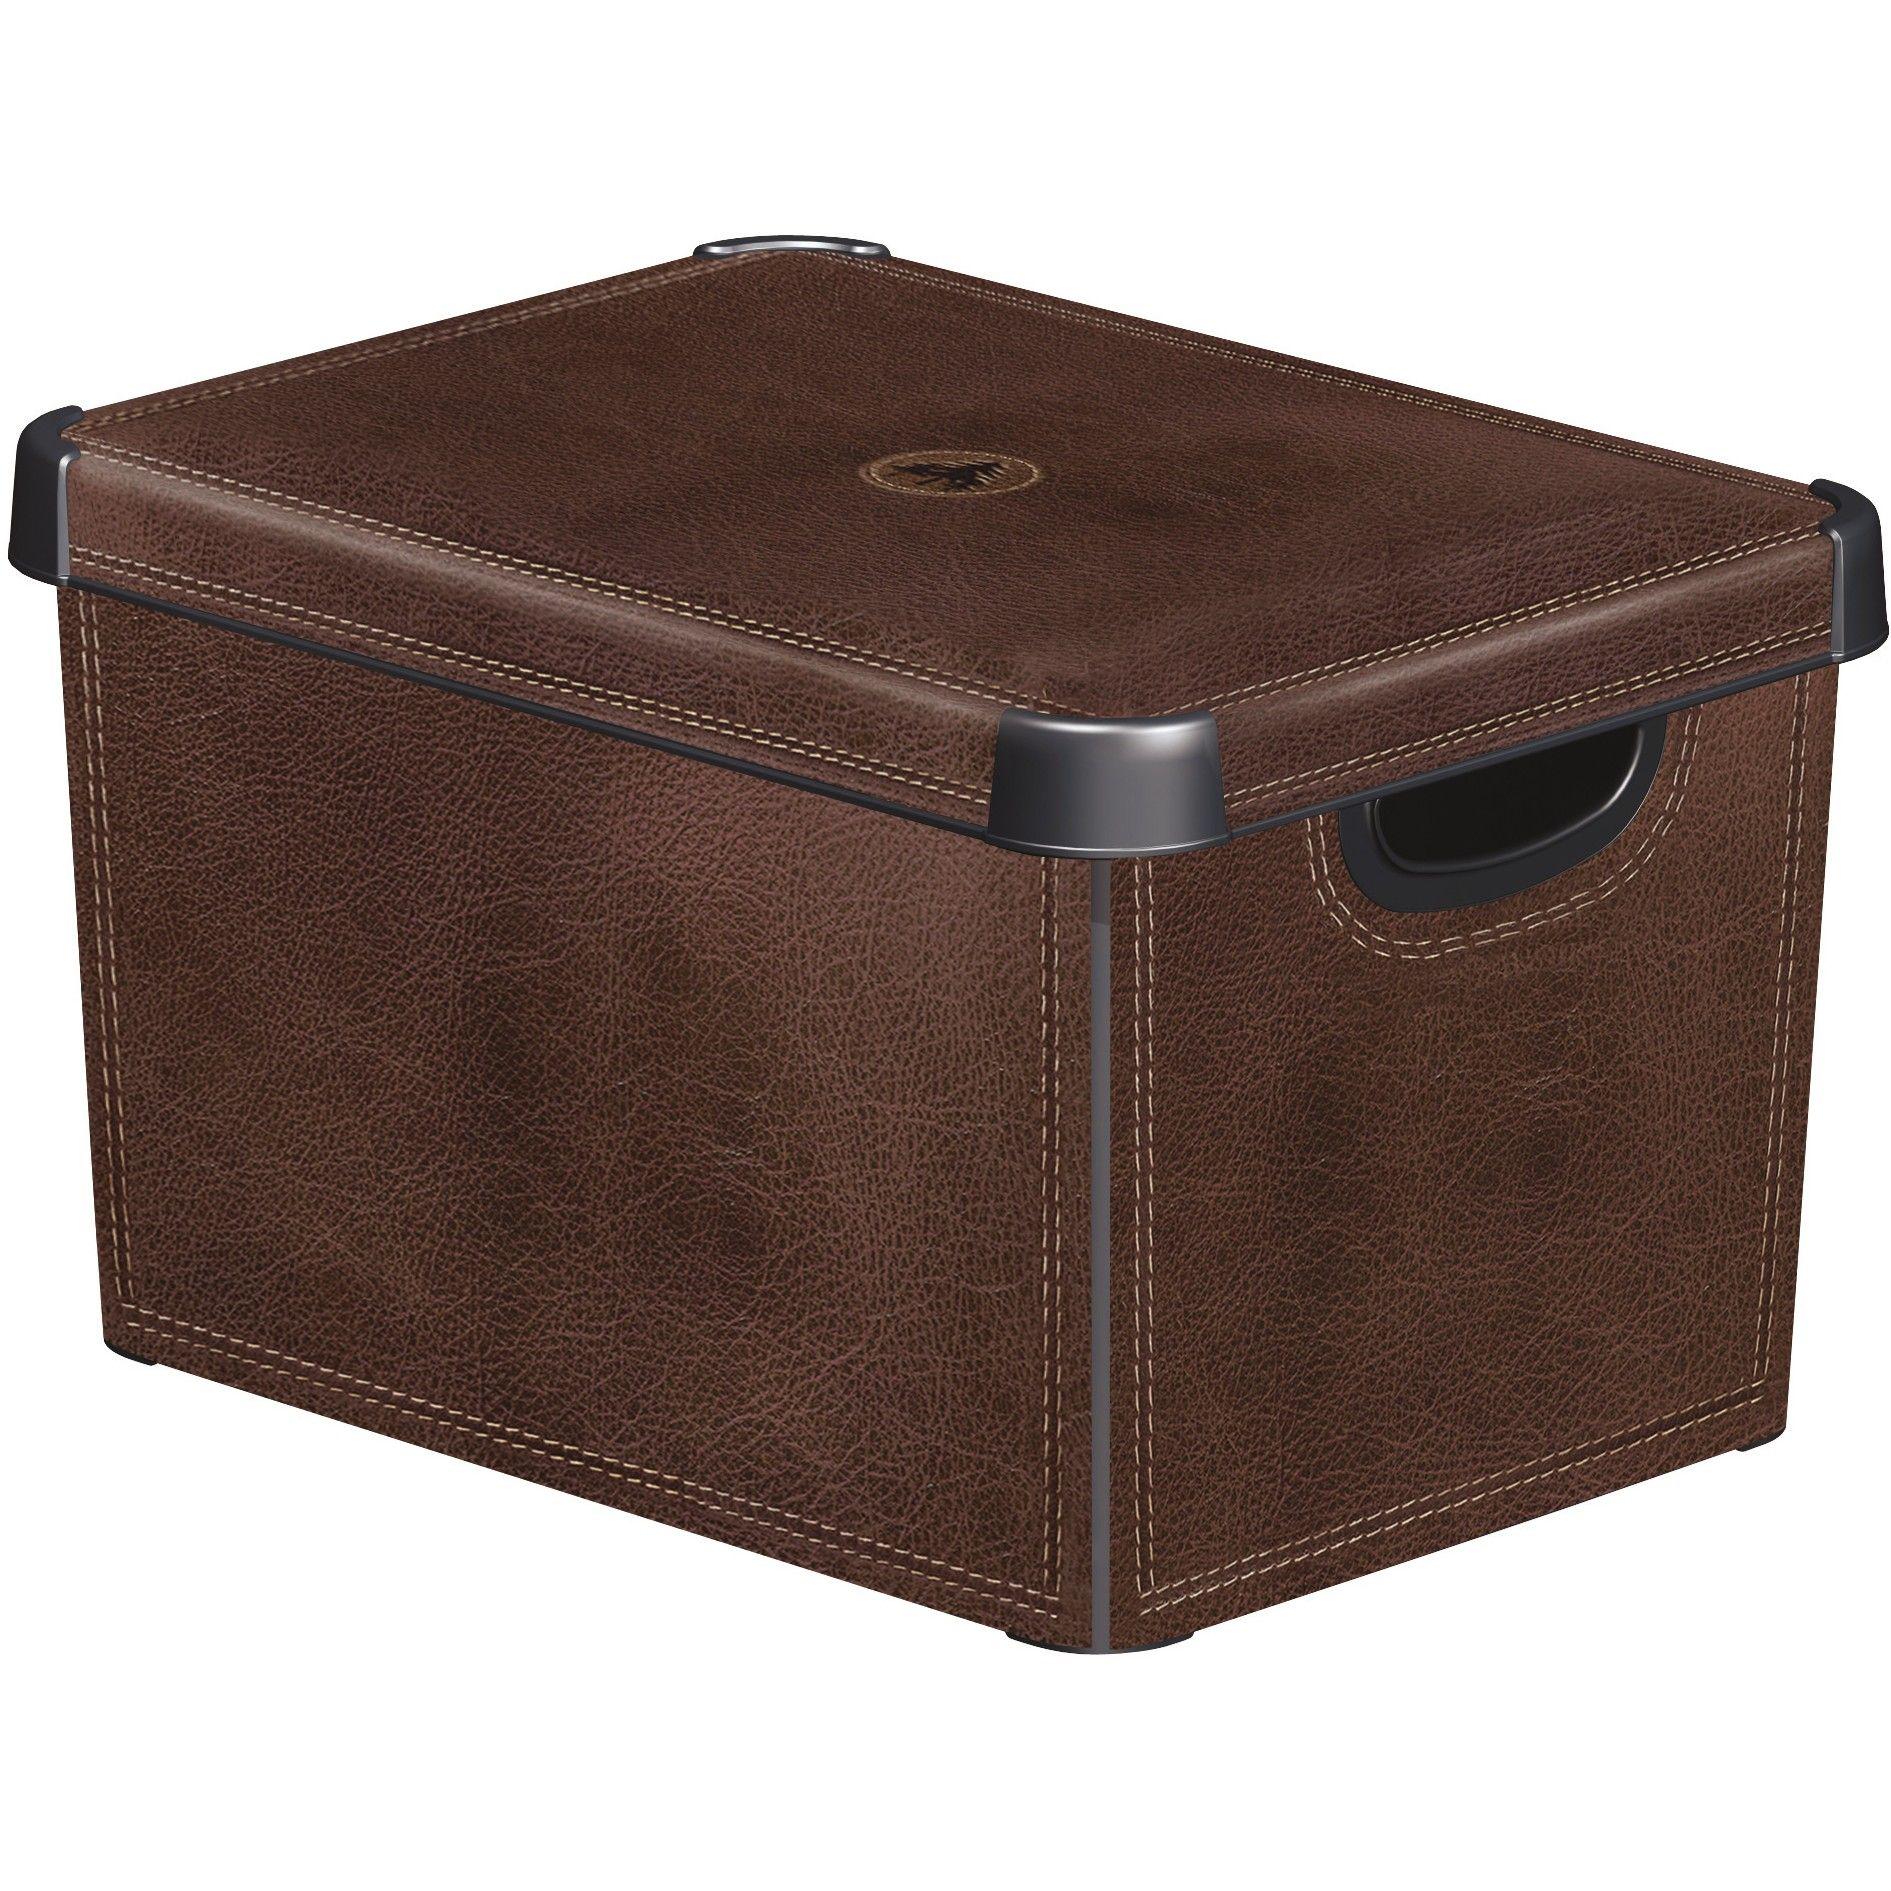 curver decorative stockholm box l polypropylene brown leather 188164 ebay. Black Bedroom Furniture Sets. Home Design Ideas